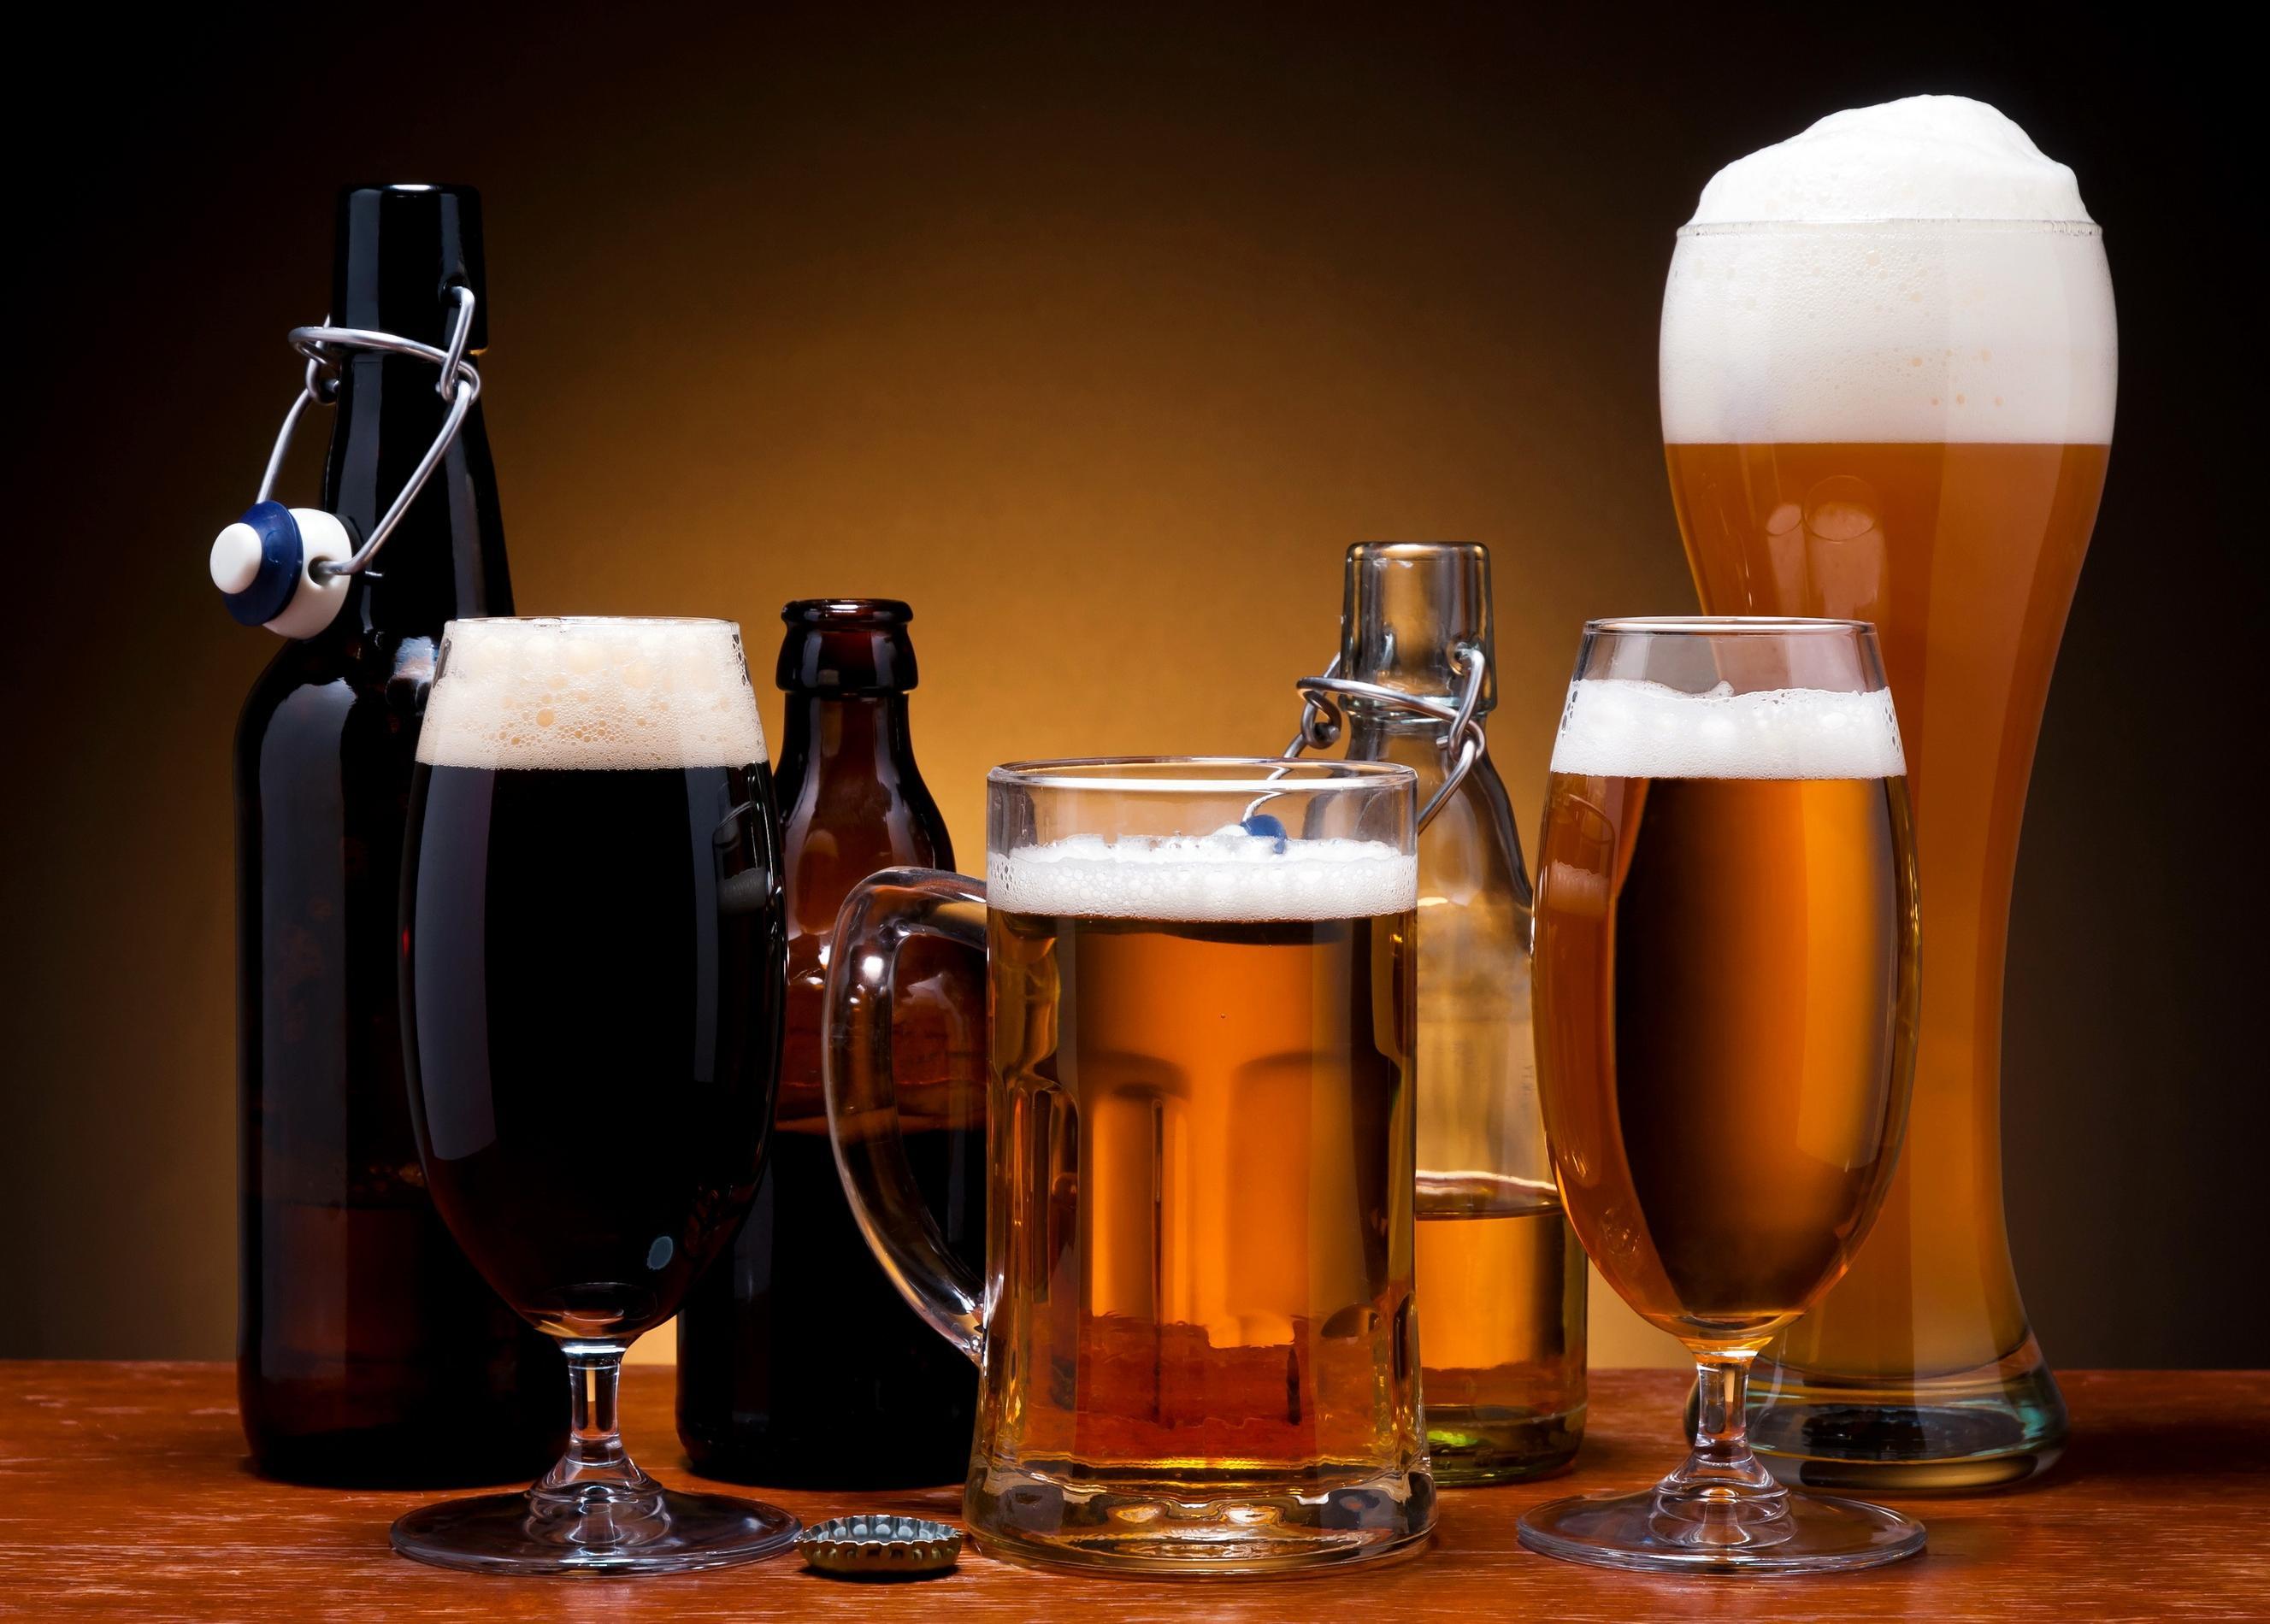 beer_diversity_glasses_bottles_hd-wallpaper-68301